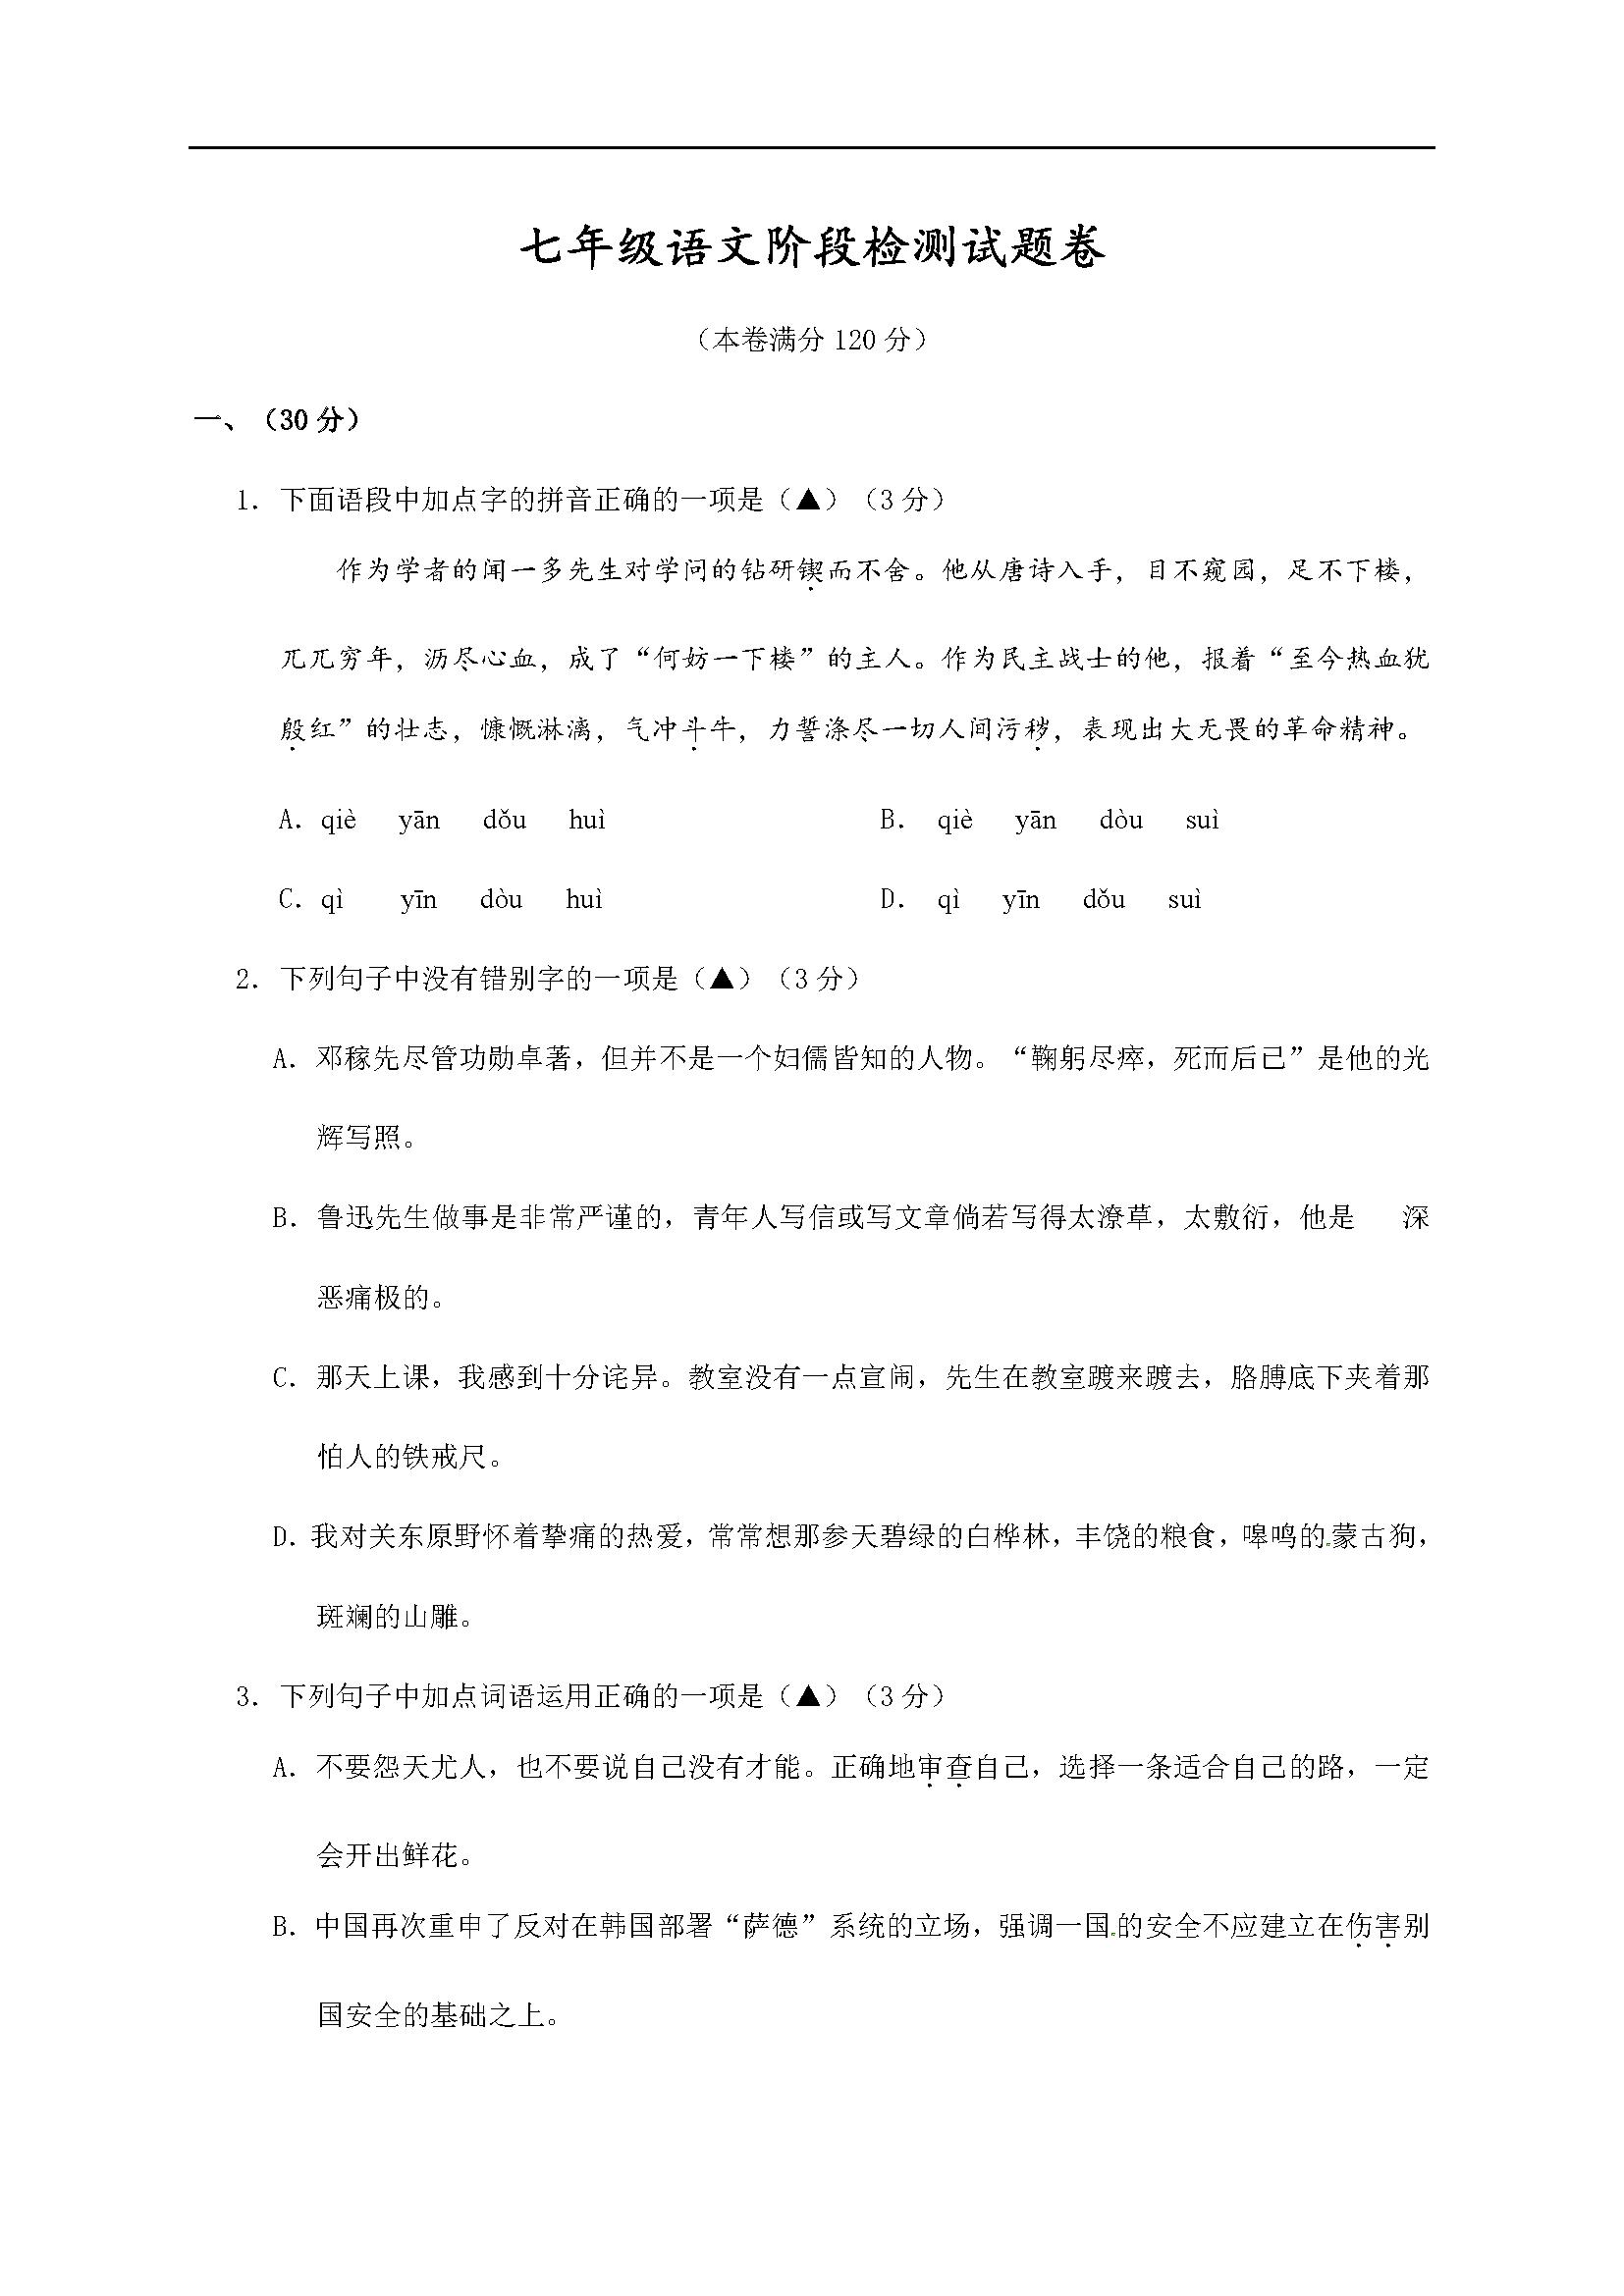 2017浙江杭州萧山七年级3月月考语文试题(Word版)